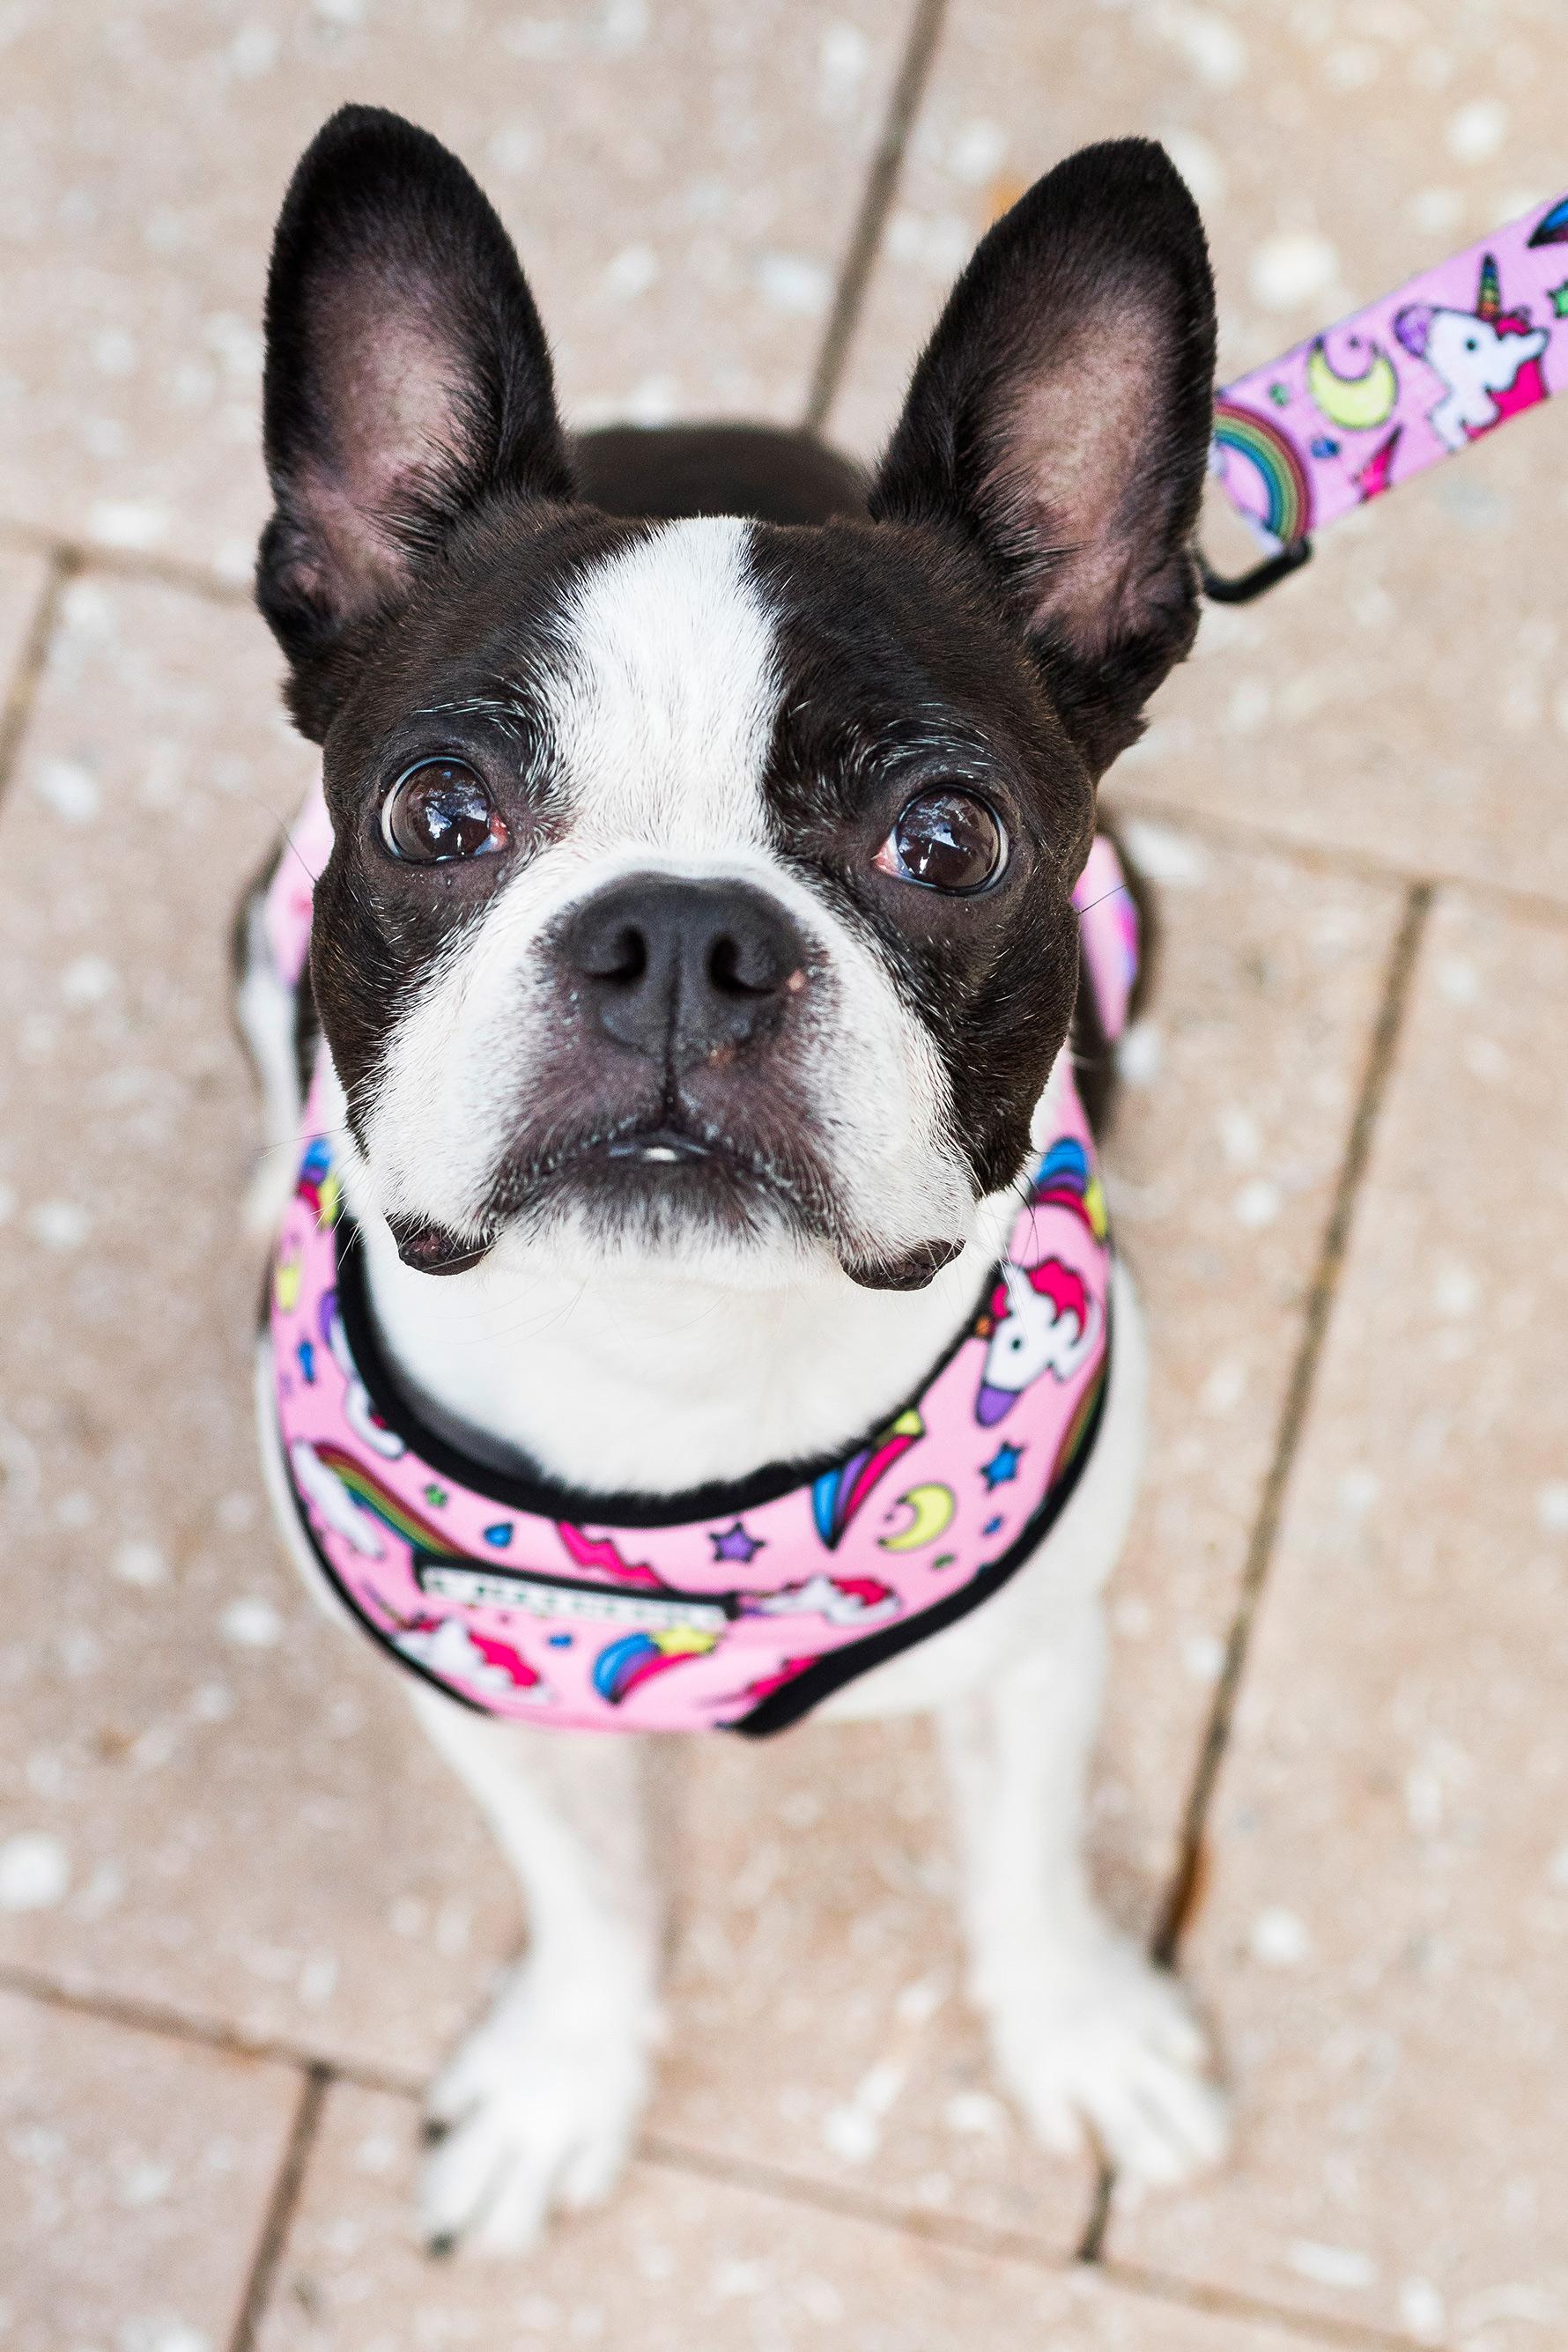 Boston Terrier in Miami Design District